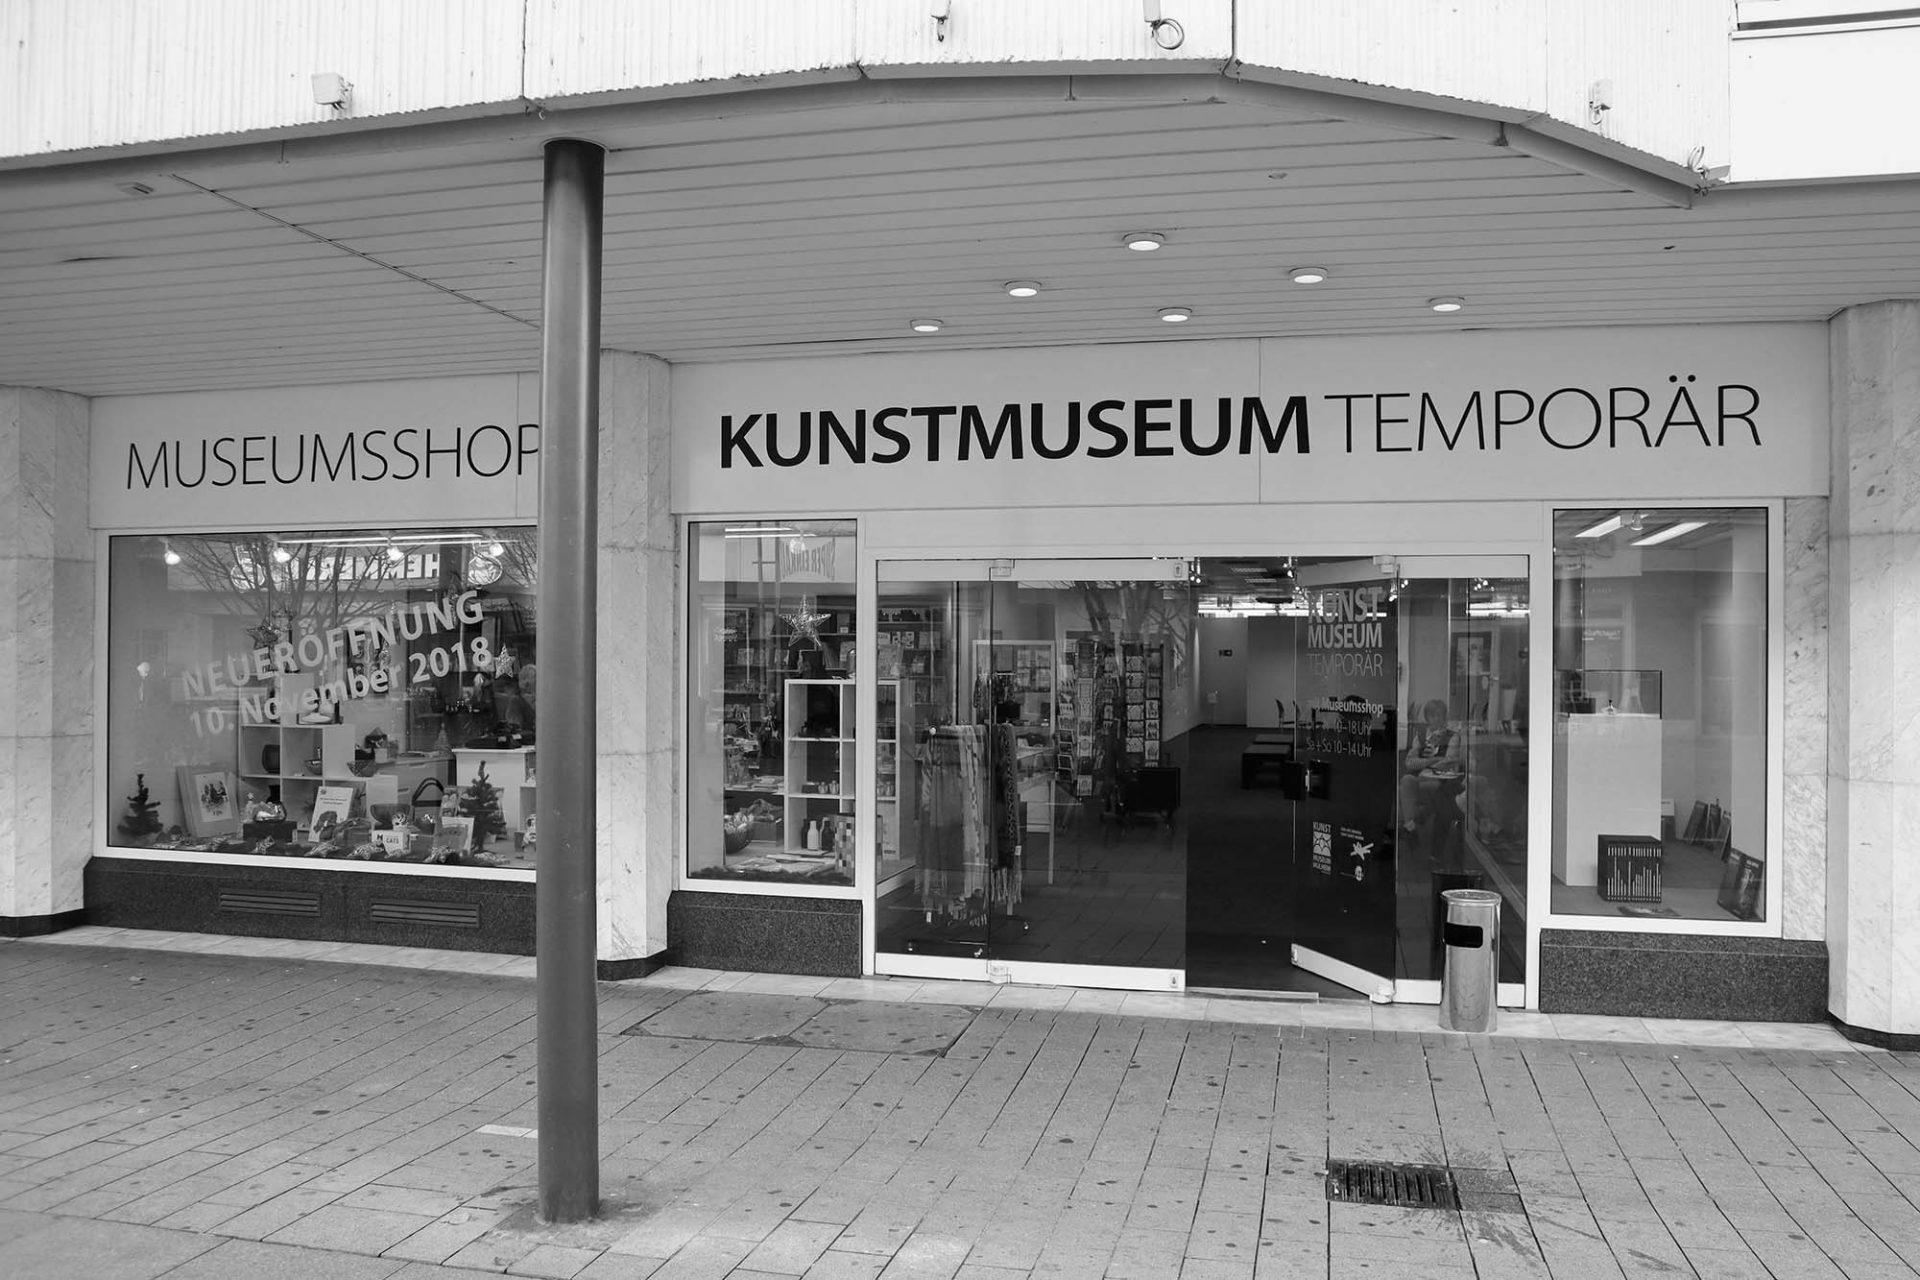 Kunstmuseum temporär. Während der Renovierungsarbeiten bis etwa 2020 findet Kunst im Hotel Noy an der angrenzenden Schlossstraße und in in der gesamten Stadt statt.